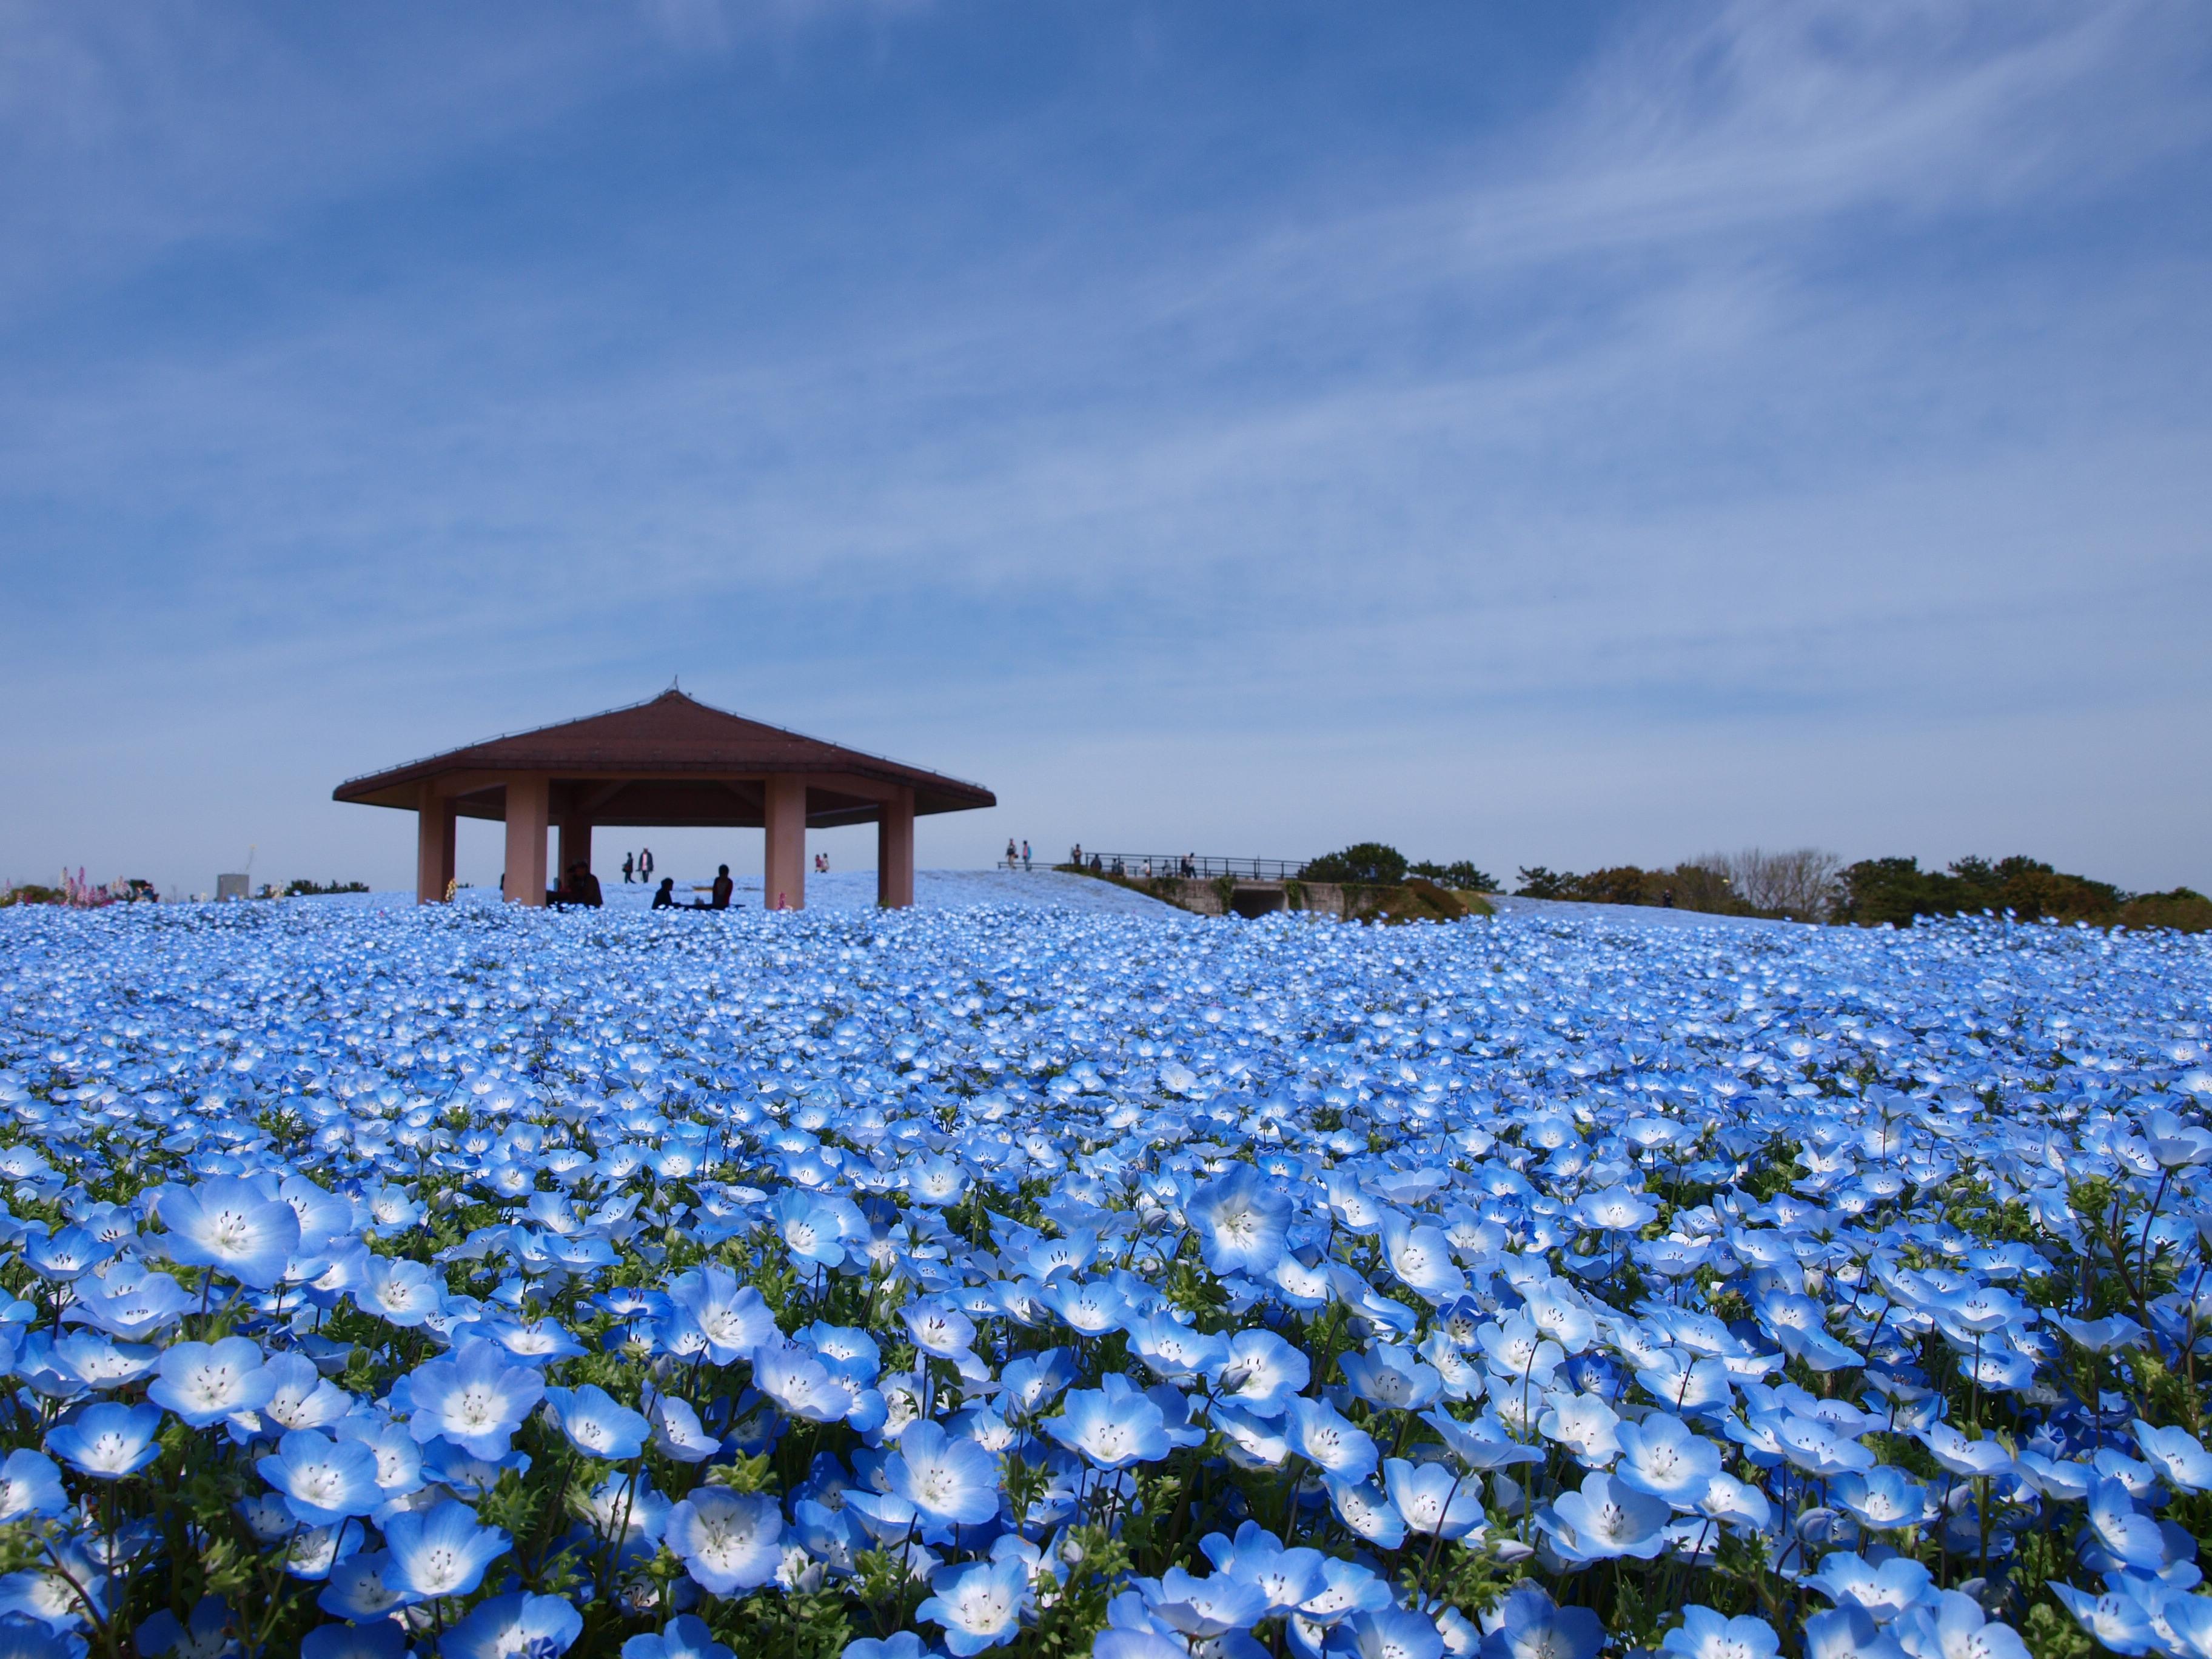 福岡市の絶対楽しい観光スポットを紹介!福岡の人気グルメや体験スポットも!